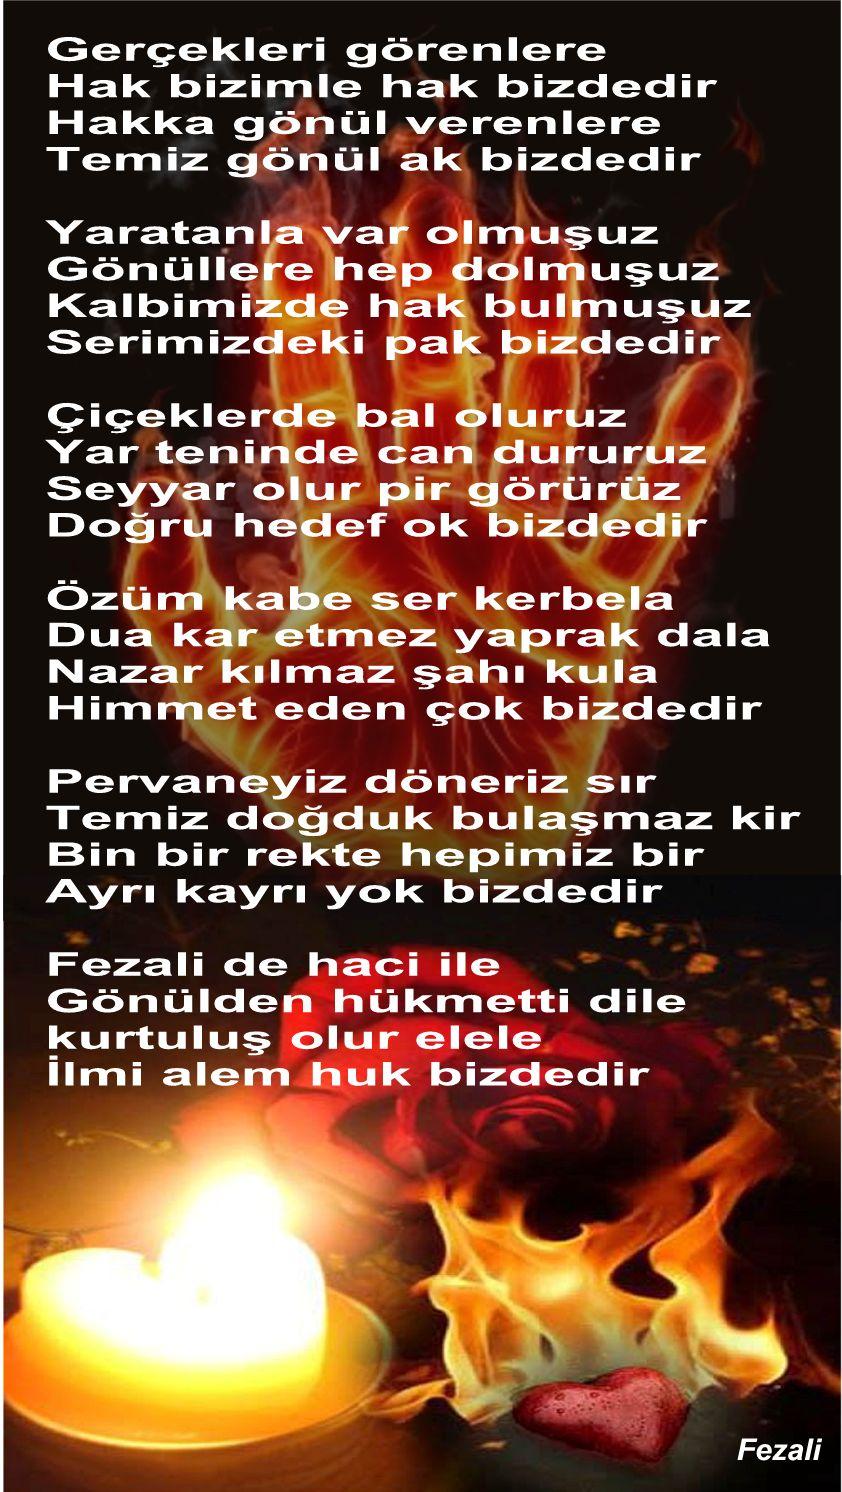 fezaliH